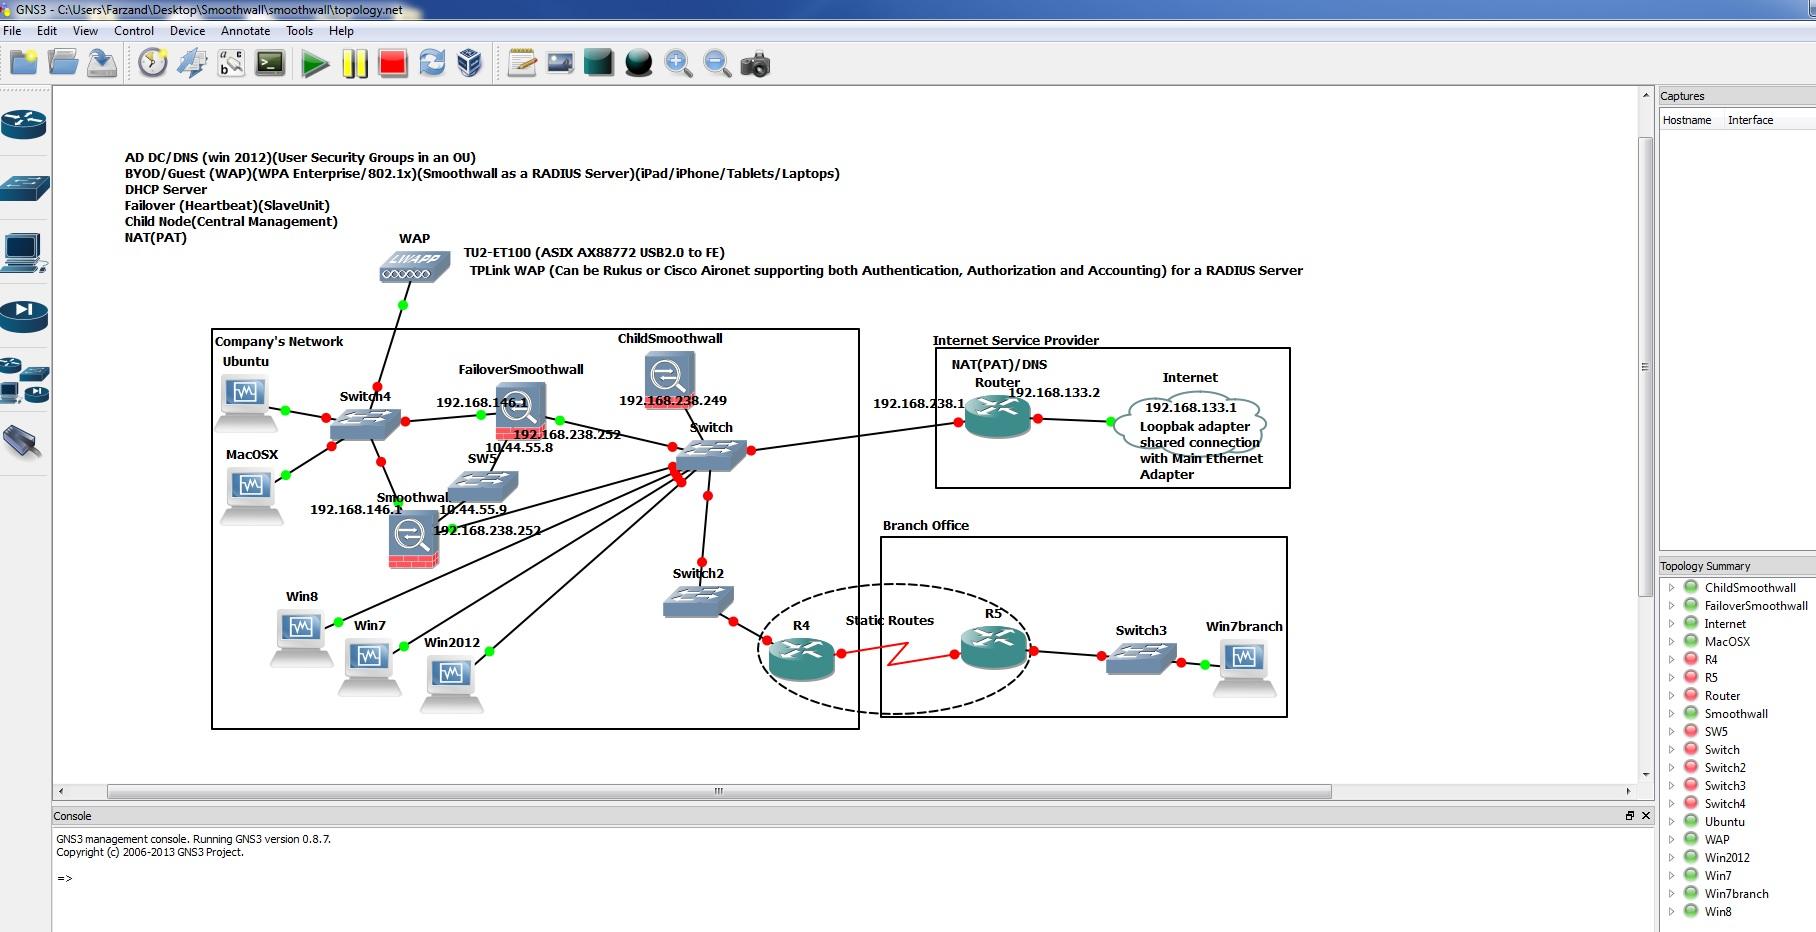 Бесплатные утилиты Solarwinds для мониторинга, управления ИТ-инфраструктурой и безопасностью - 7